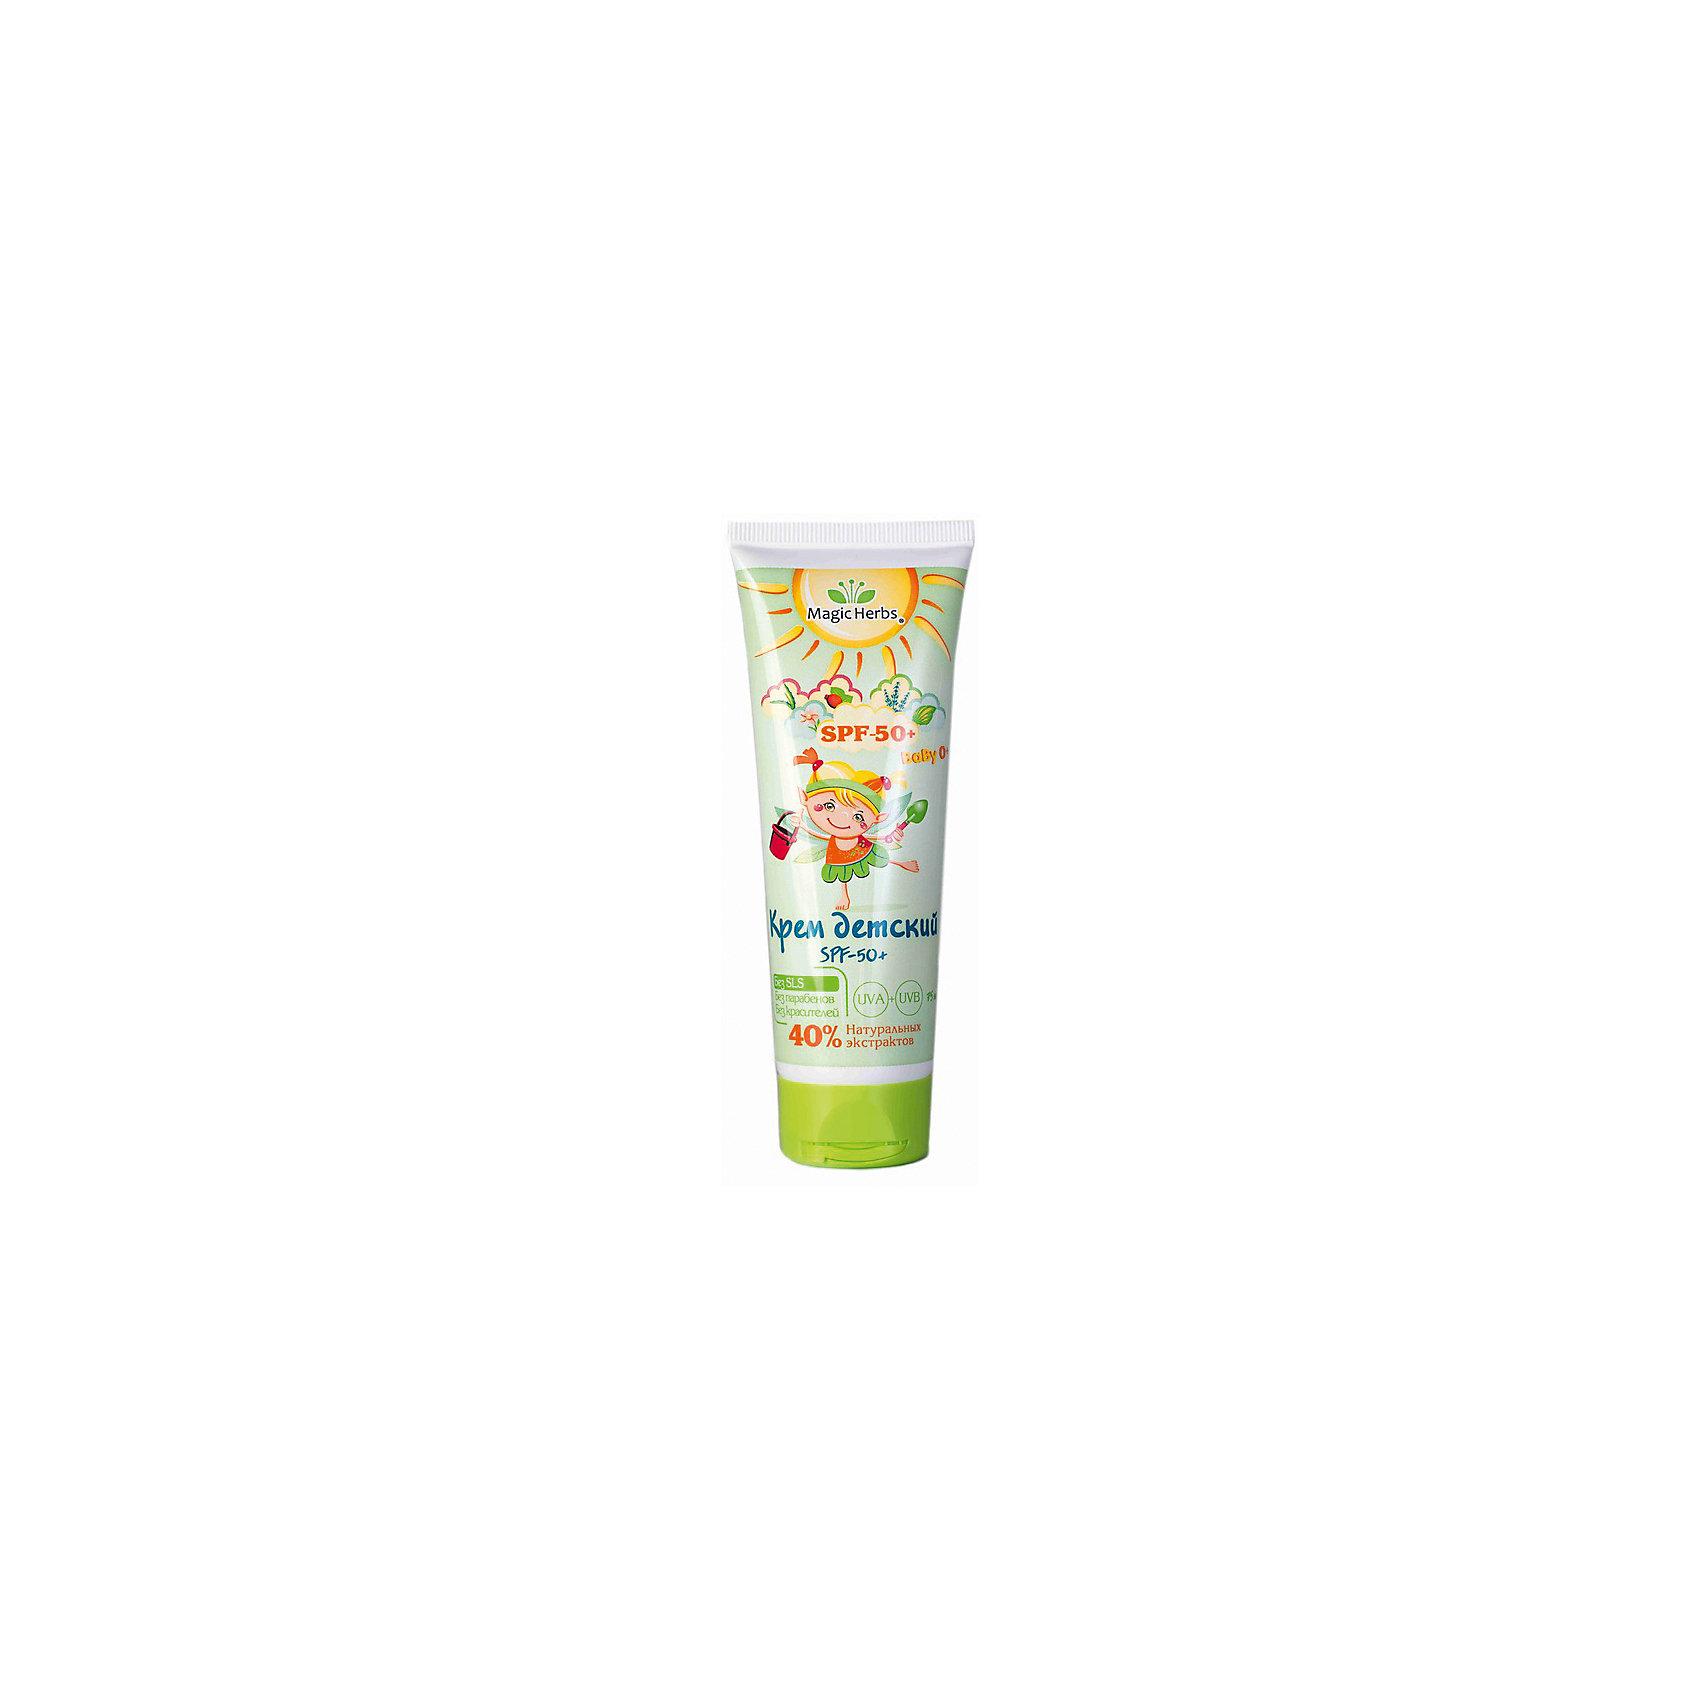 Крем детский солнцезащитный SPF-50+ , Magic HerbsСредства защиты от солнца и насекомых<br>Защитить нежную детскую кожу от воздействия ультрафиолетовых лучей поможет солнцезащитный крем SPF-50+ . Входящие в состав крема экстракты ромашки, шиповника, подорожника, лаванды и алоэ оказывают увлажняющее и смягчающее действие. <br><br>Дополнительная информация:<br><br>Без SLS, парабенов и красителей.<br>Только для наружного применения.<br>Объем: 75 мл<br><br>Способ применения: обильно нанести средство на кожу за 20 минут до выхода на солнце. Повторять процедуру каждые два часа, а также, каждый раз после купания. <br><br>Крем детский солнцезащитный SPF-50+ , Magic Herbs можно купить в нашем интернет-магазине.<br><br>Ширина мм: 30<br>Глубина мм: 60<br>Высота мм: 150<br>Вес г: 80<br>Возраст от месяцев: -2147483648<br>Возраст до месяцев: 2147483647<br>Пол: Унисекс<br>Возраст: Детский<br>SKU: 5008330